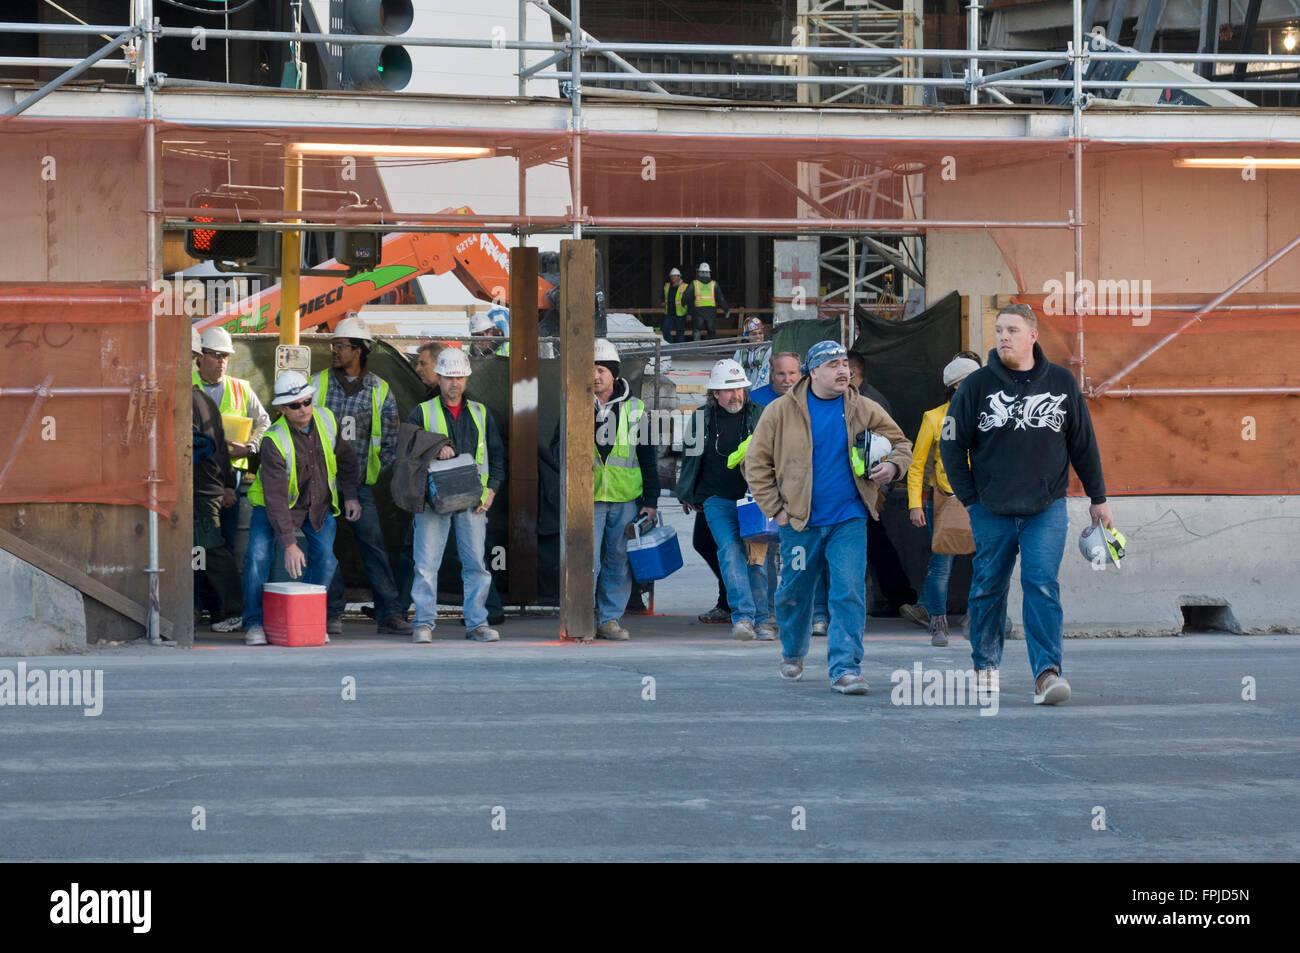 Las Vegas, Nevada. Un grupo de trabajadores de la construcción dejando el trabajo después del trabajo. Imagen De Stock